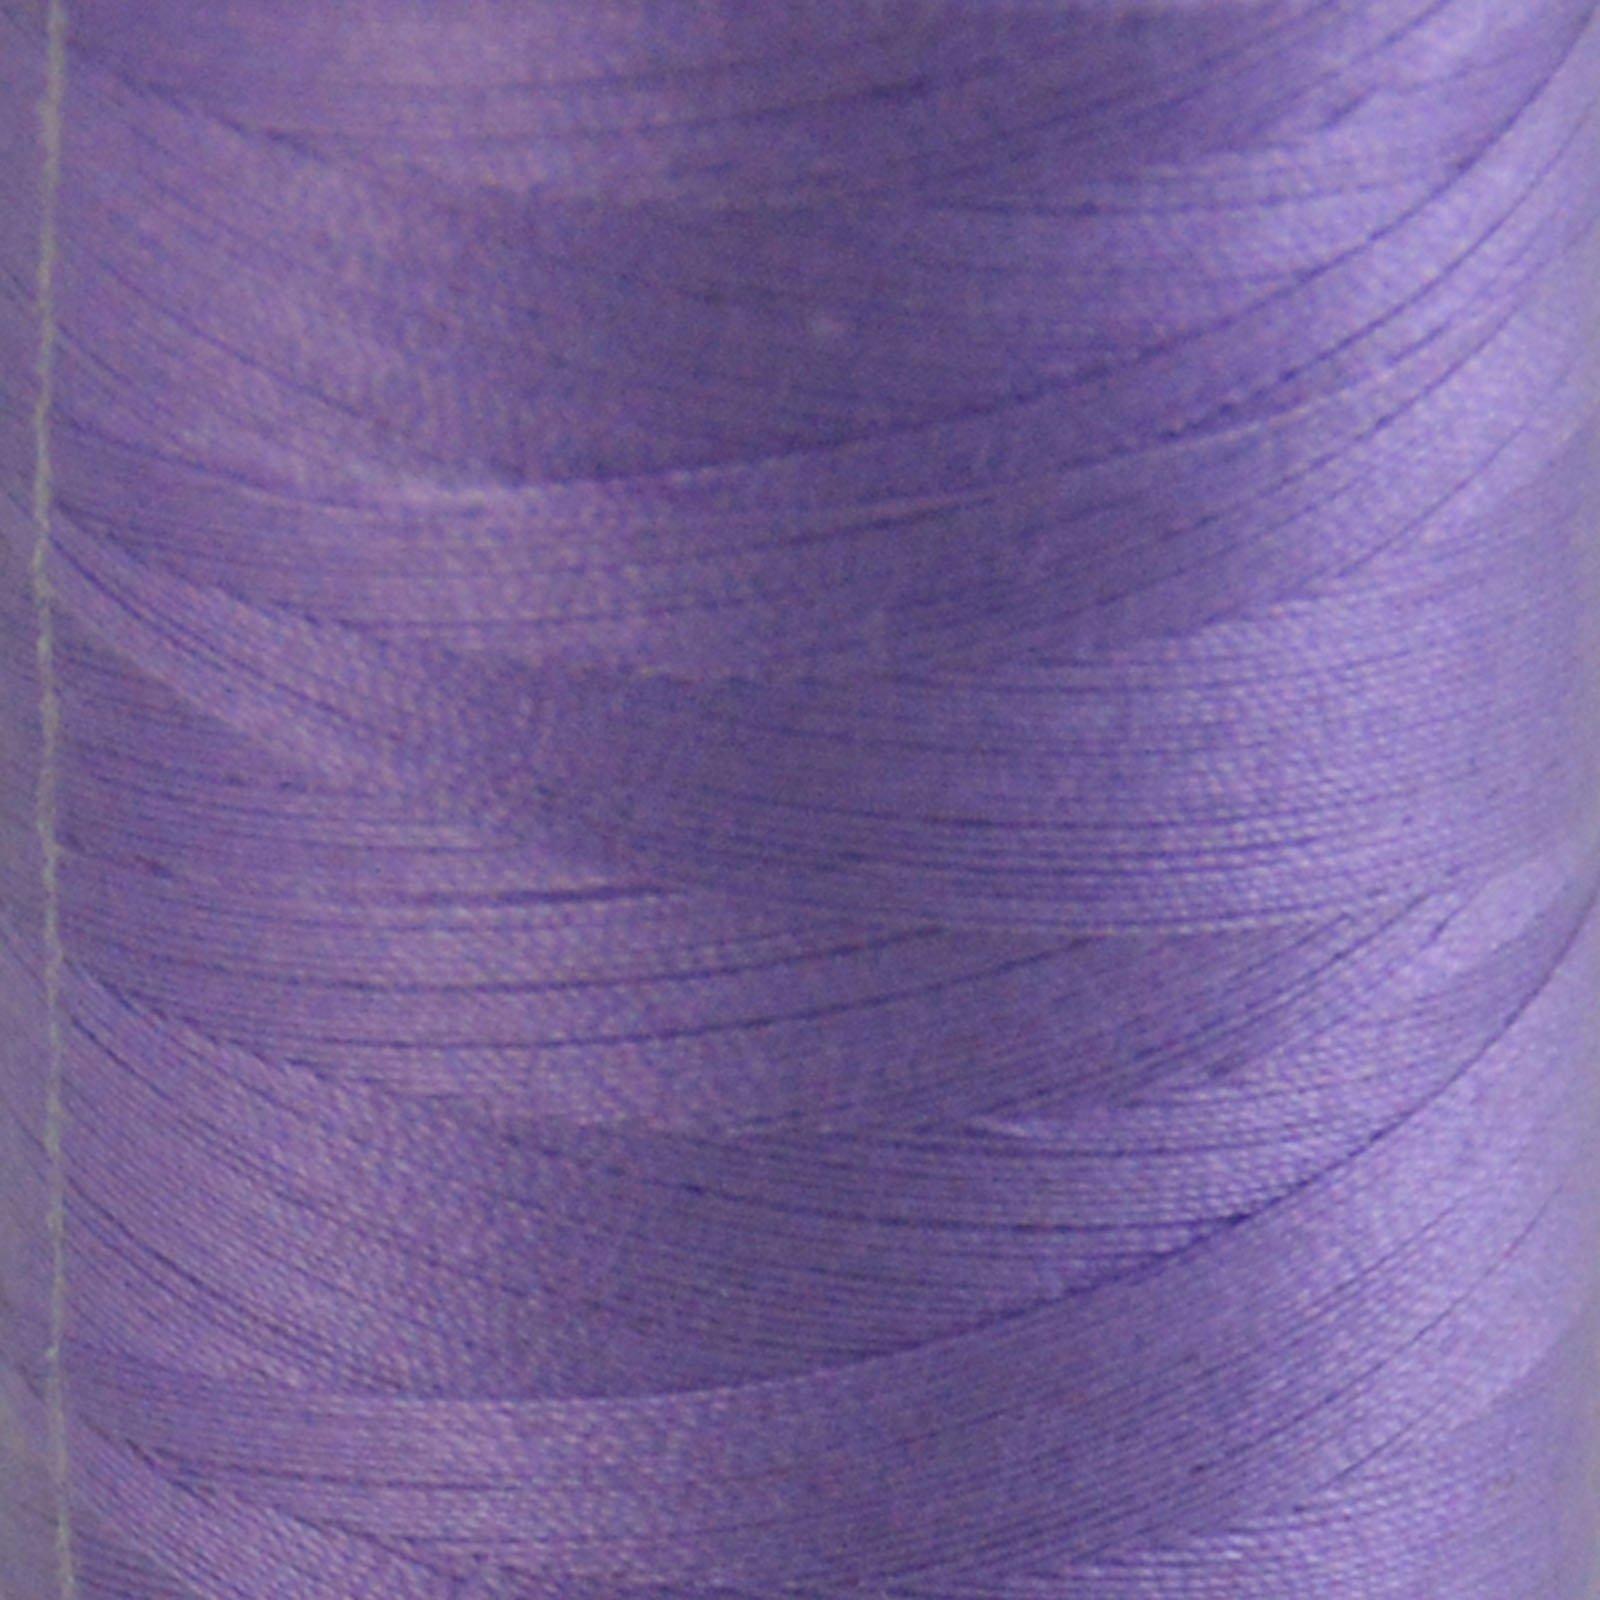 # 2520 Violet